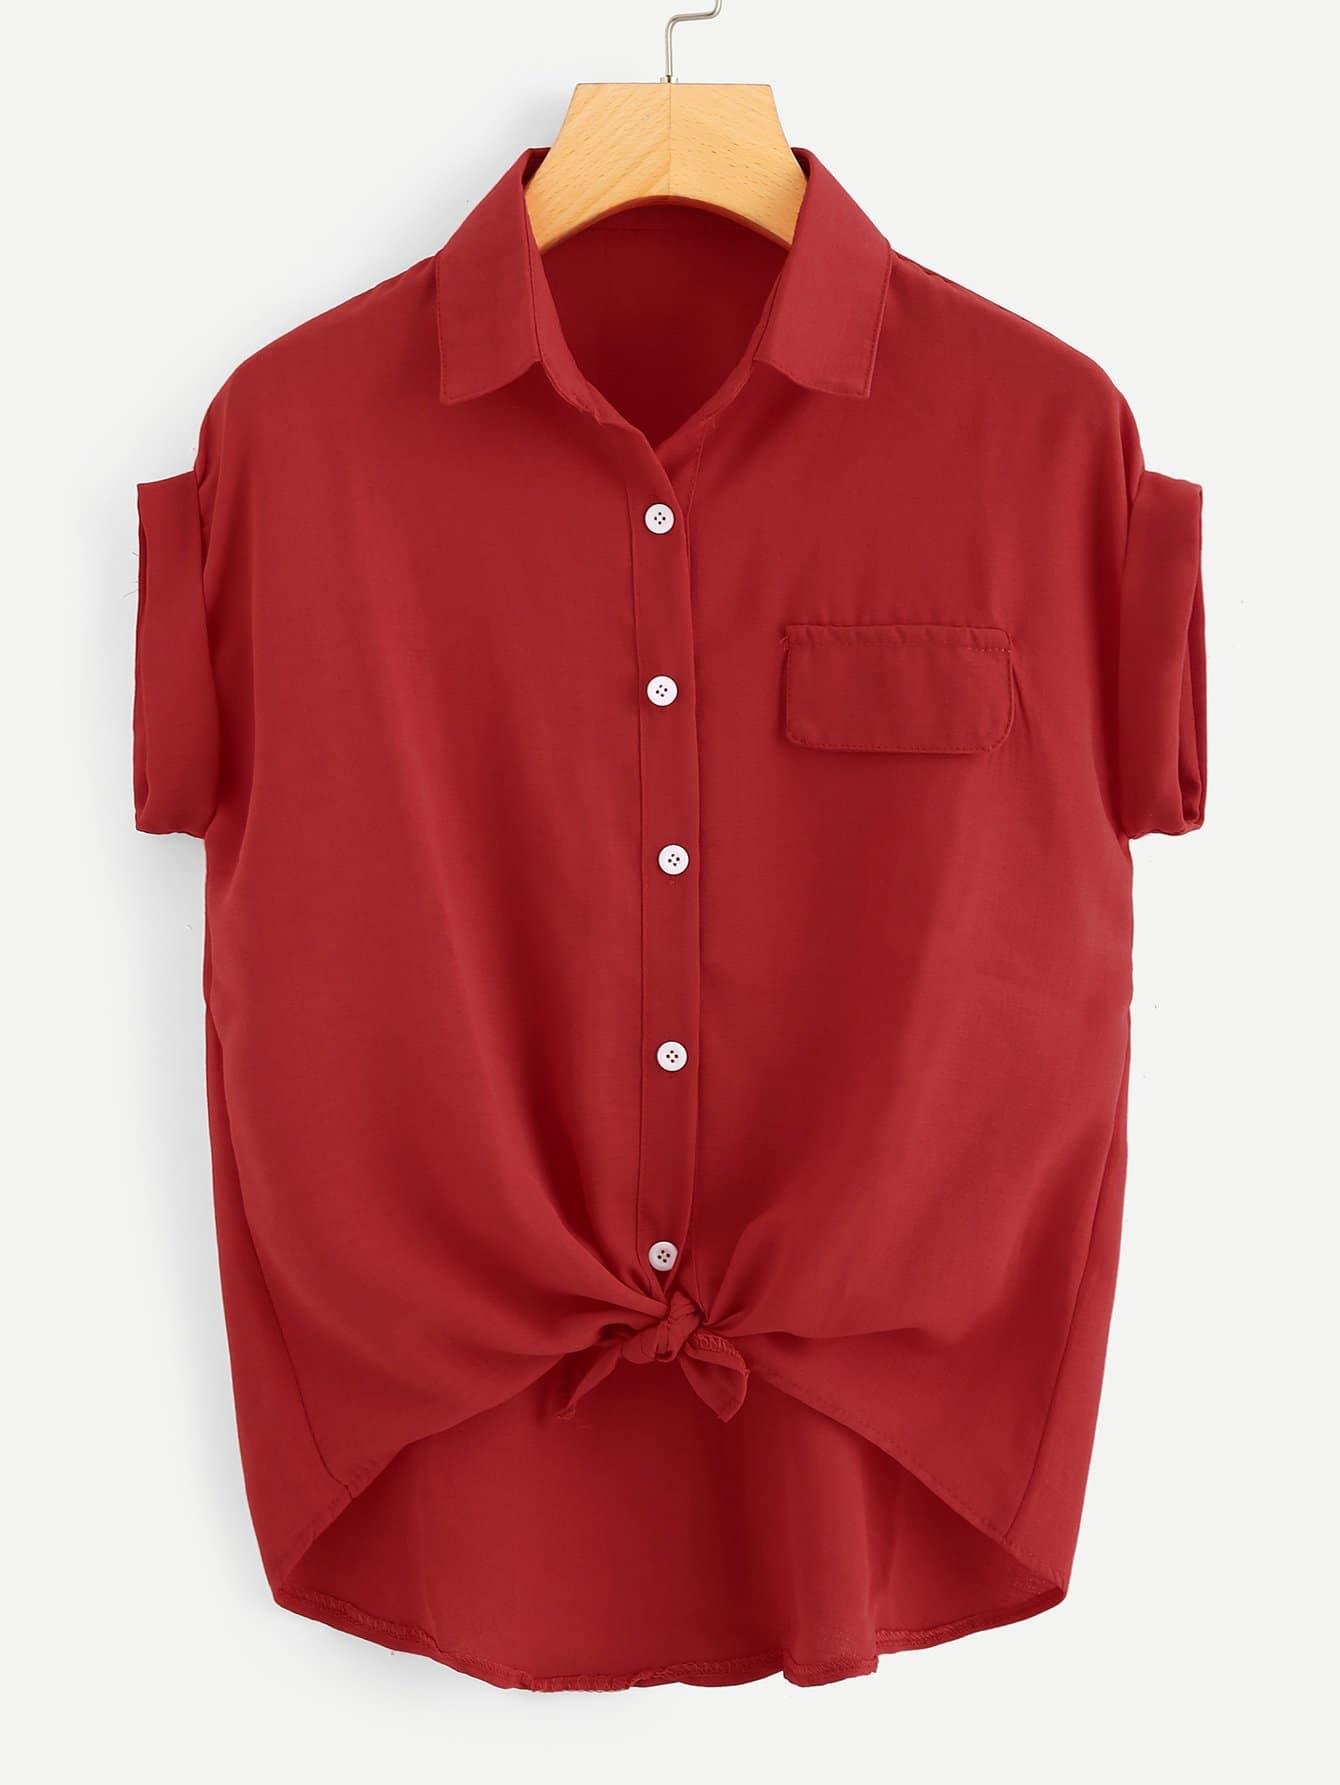 Купить Повседневный Одноцветный Пуговица Красный Блузы+рубашки, null, SheIn